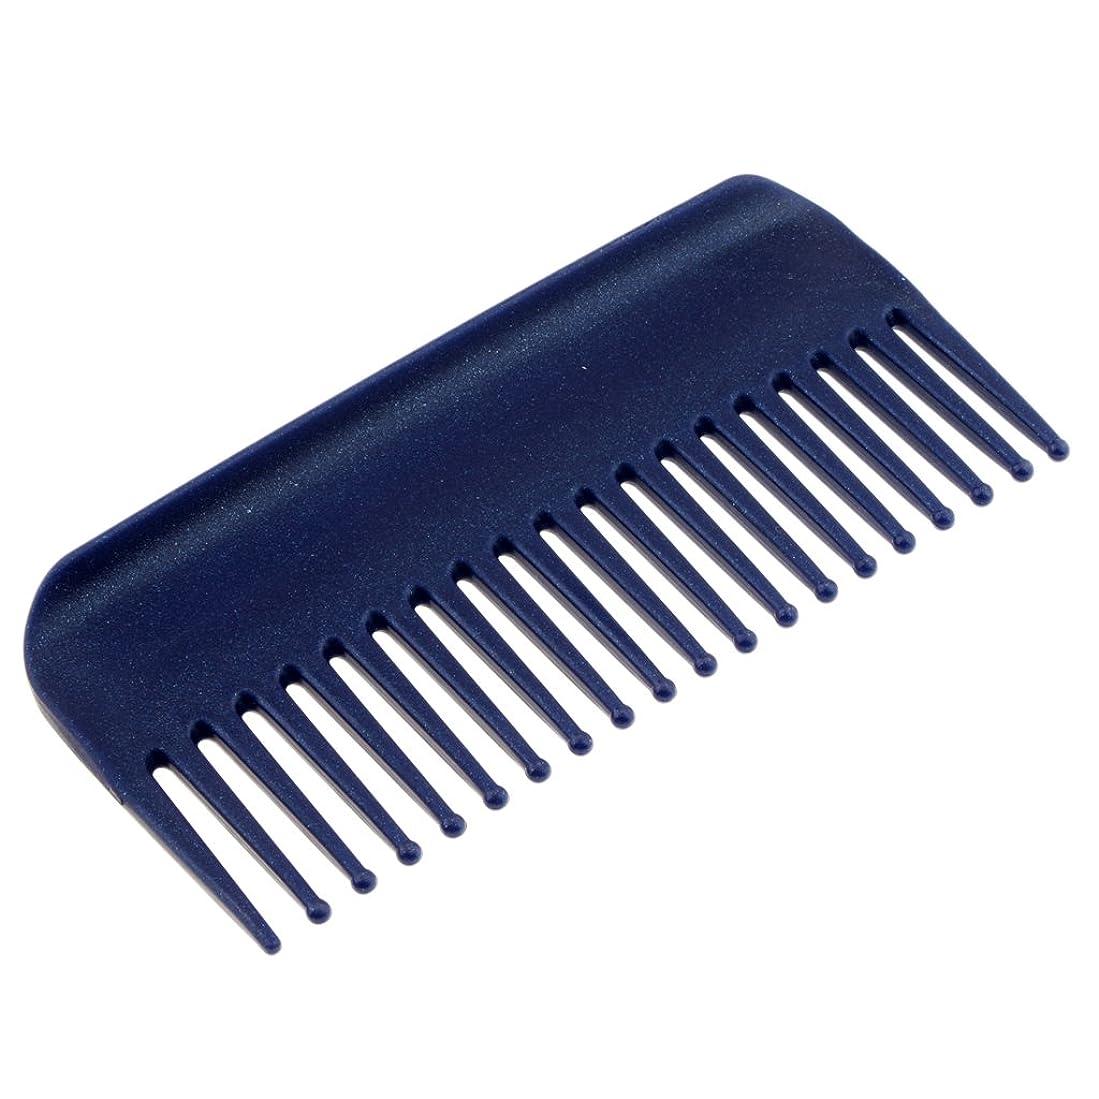 おもてなし蚊前投薬Perfk ヘアブラシ ヘアコーム コーム 櫛 くし 頭皮 マッサージ 耐熱性 帯電防止 高品質 4色選べる - 青